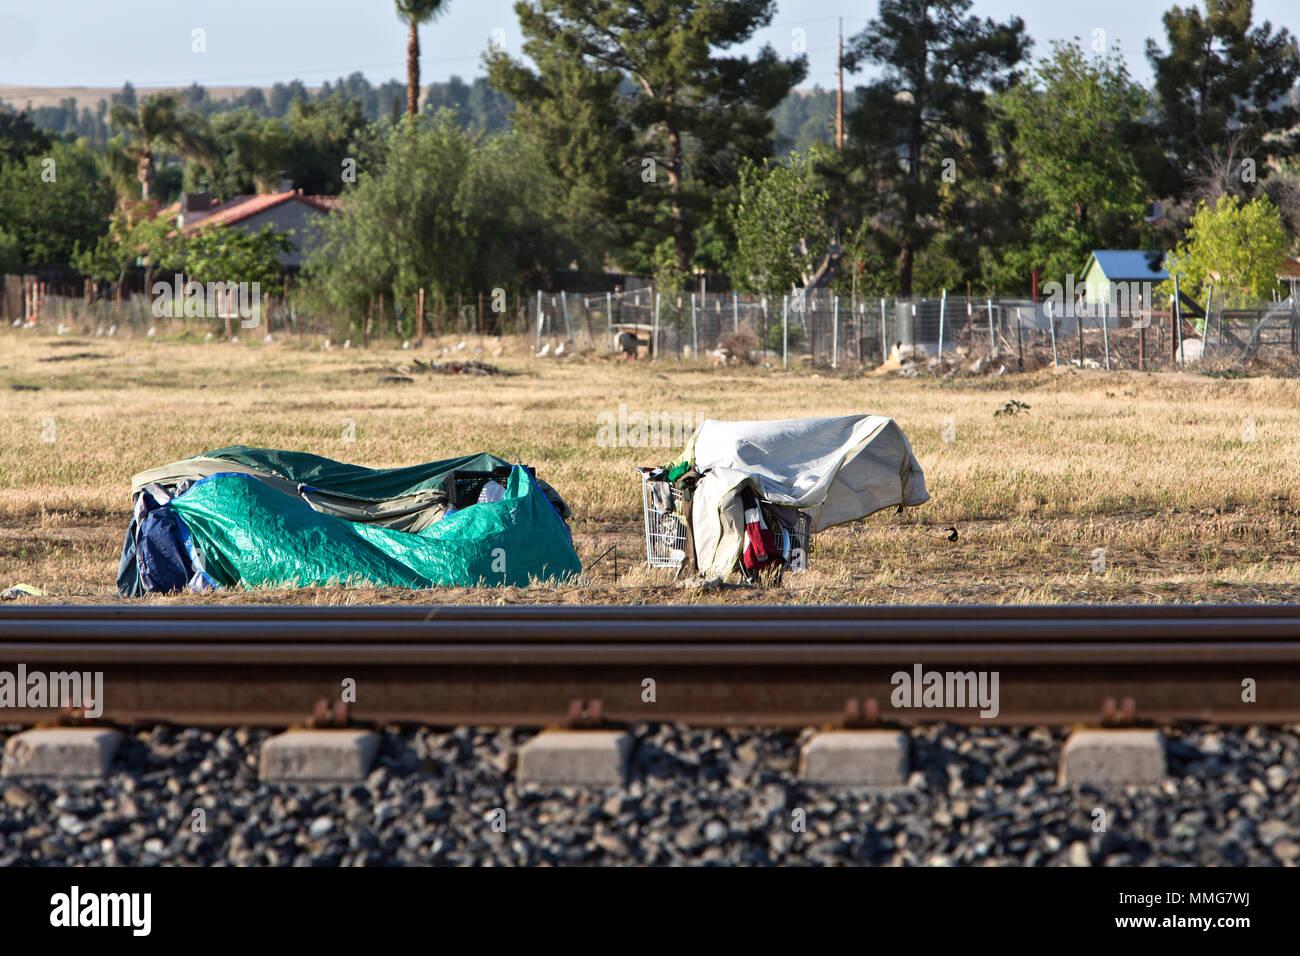 Obdachlose Camp, Eisenbahnschienen, ländlichen Kern County, eingezäunt Unterteilung im Hintergrund, Kalifornien. Stockbild